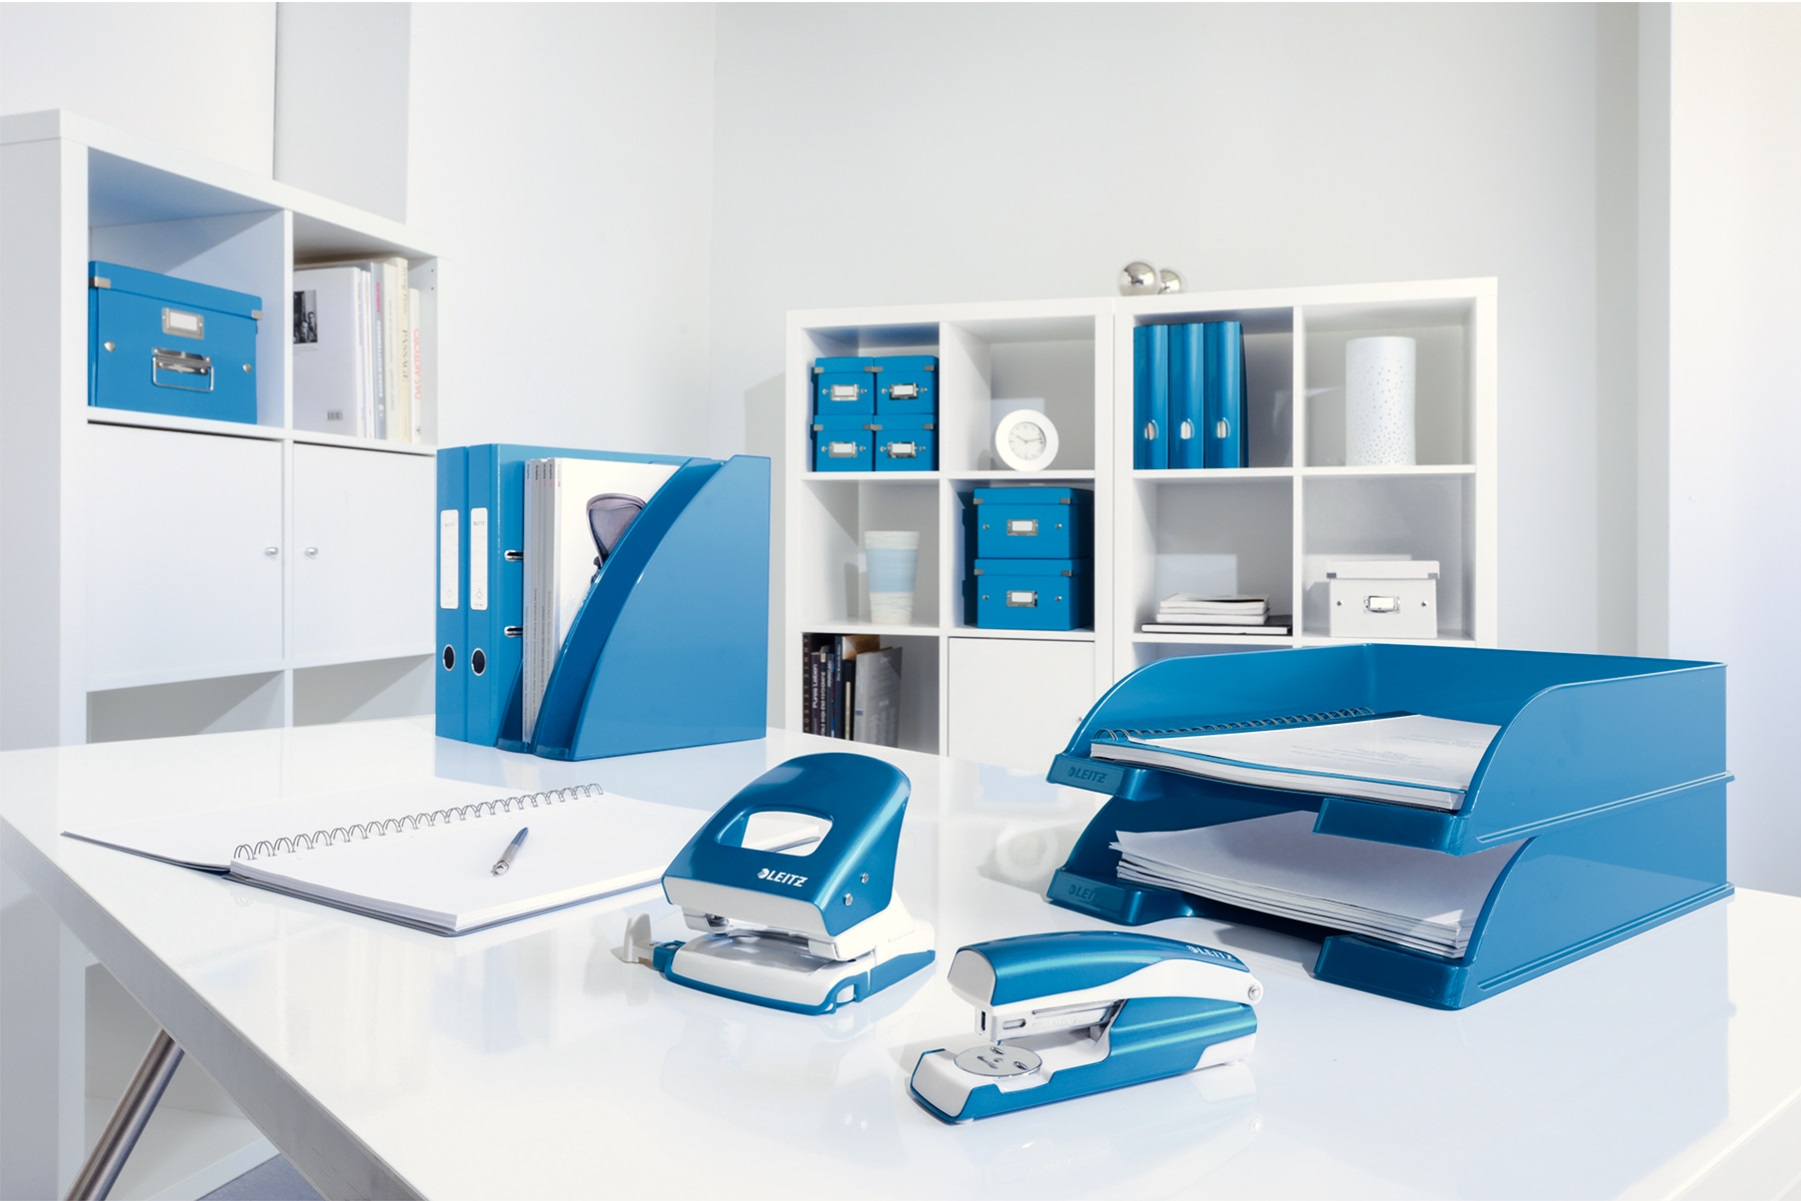 Descriere Capsator metalic de birou, pentru maxim 30 coli, capse 24/6, albastru metalizat, LEITZ 5502 NeXXt Series